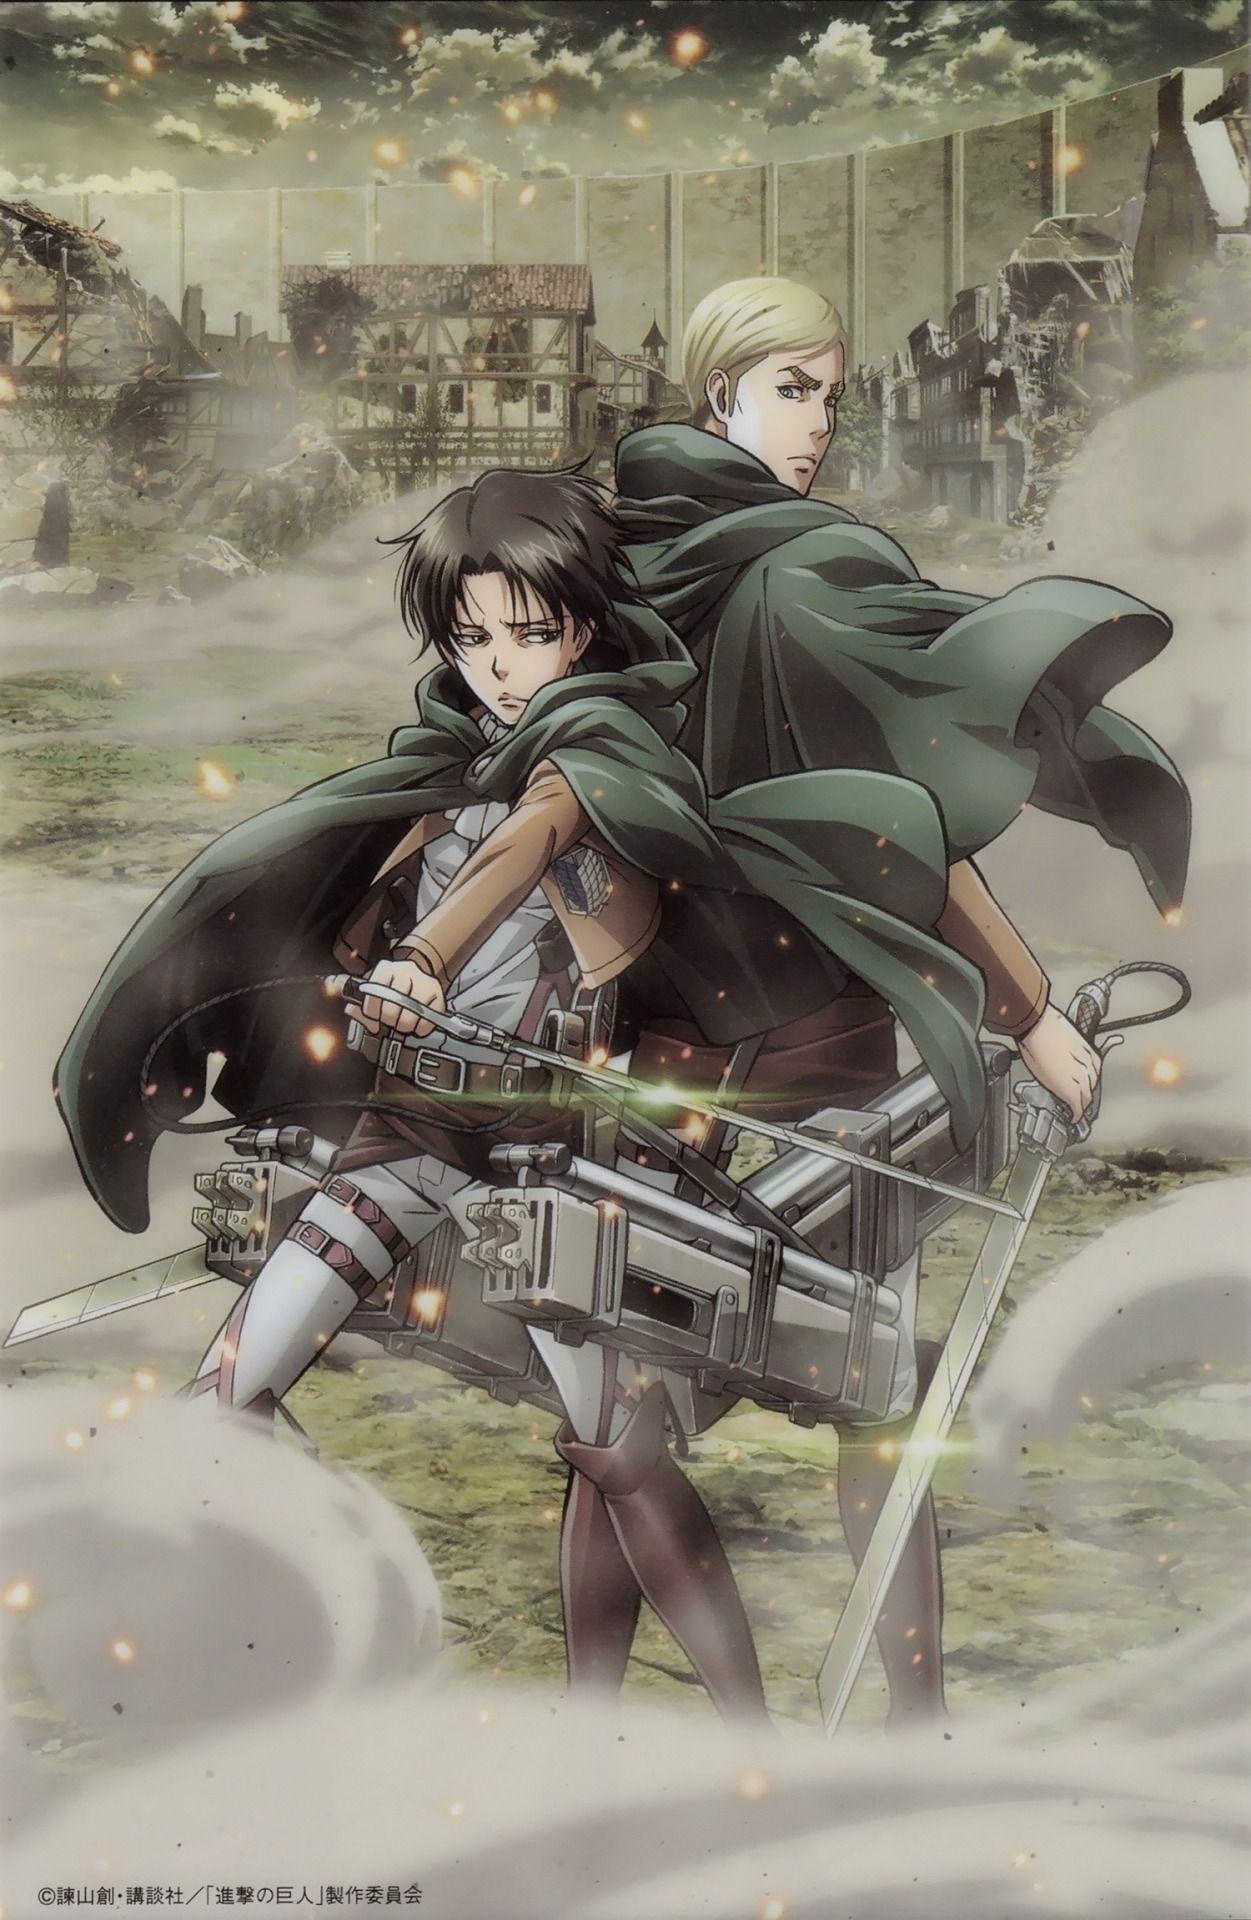 Shingeki No Kyojin Levi Ackerman Erwin Smith Attack On Titan Levi Attack On Titan Anime Attack On Titan